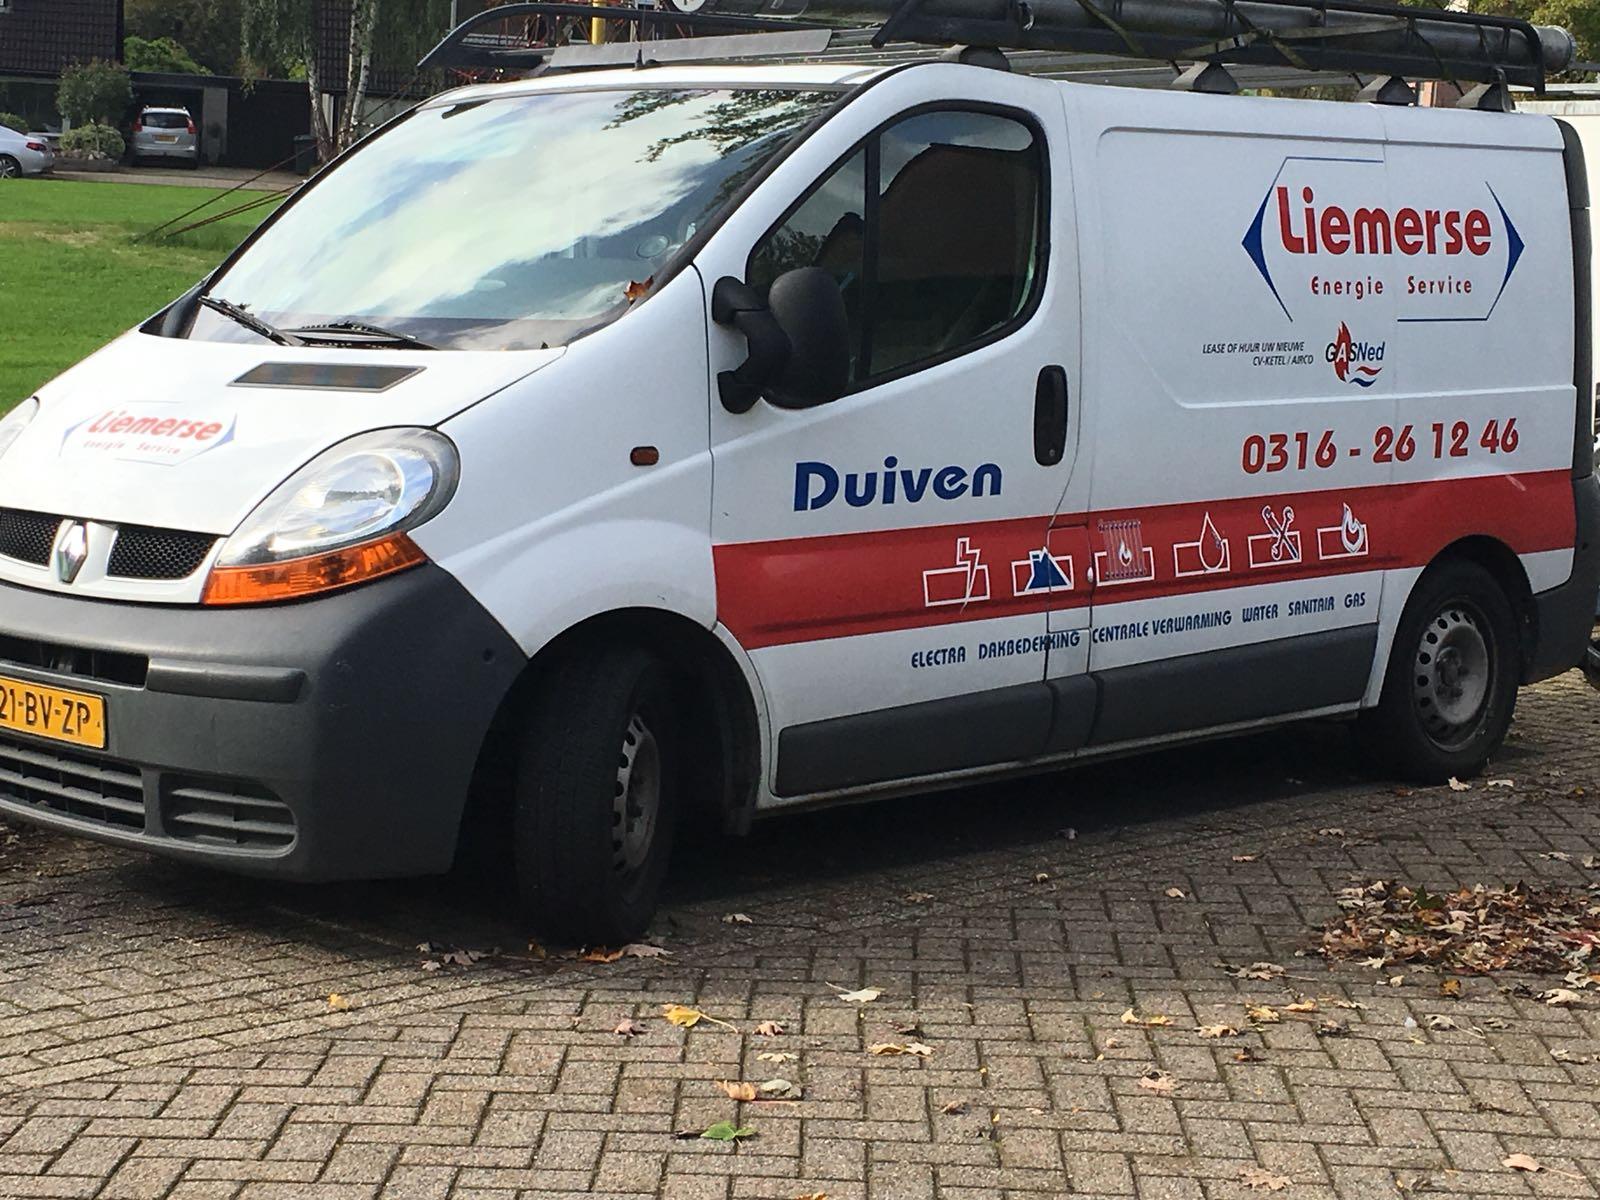 Liemerse Energie Service